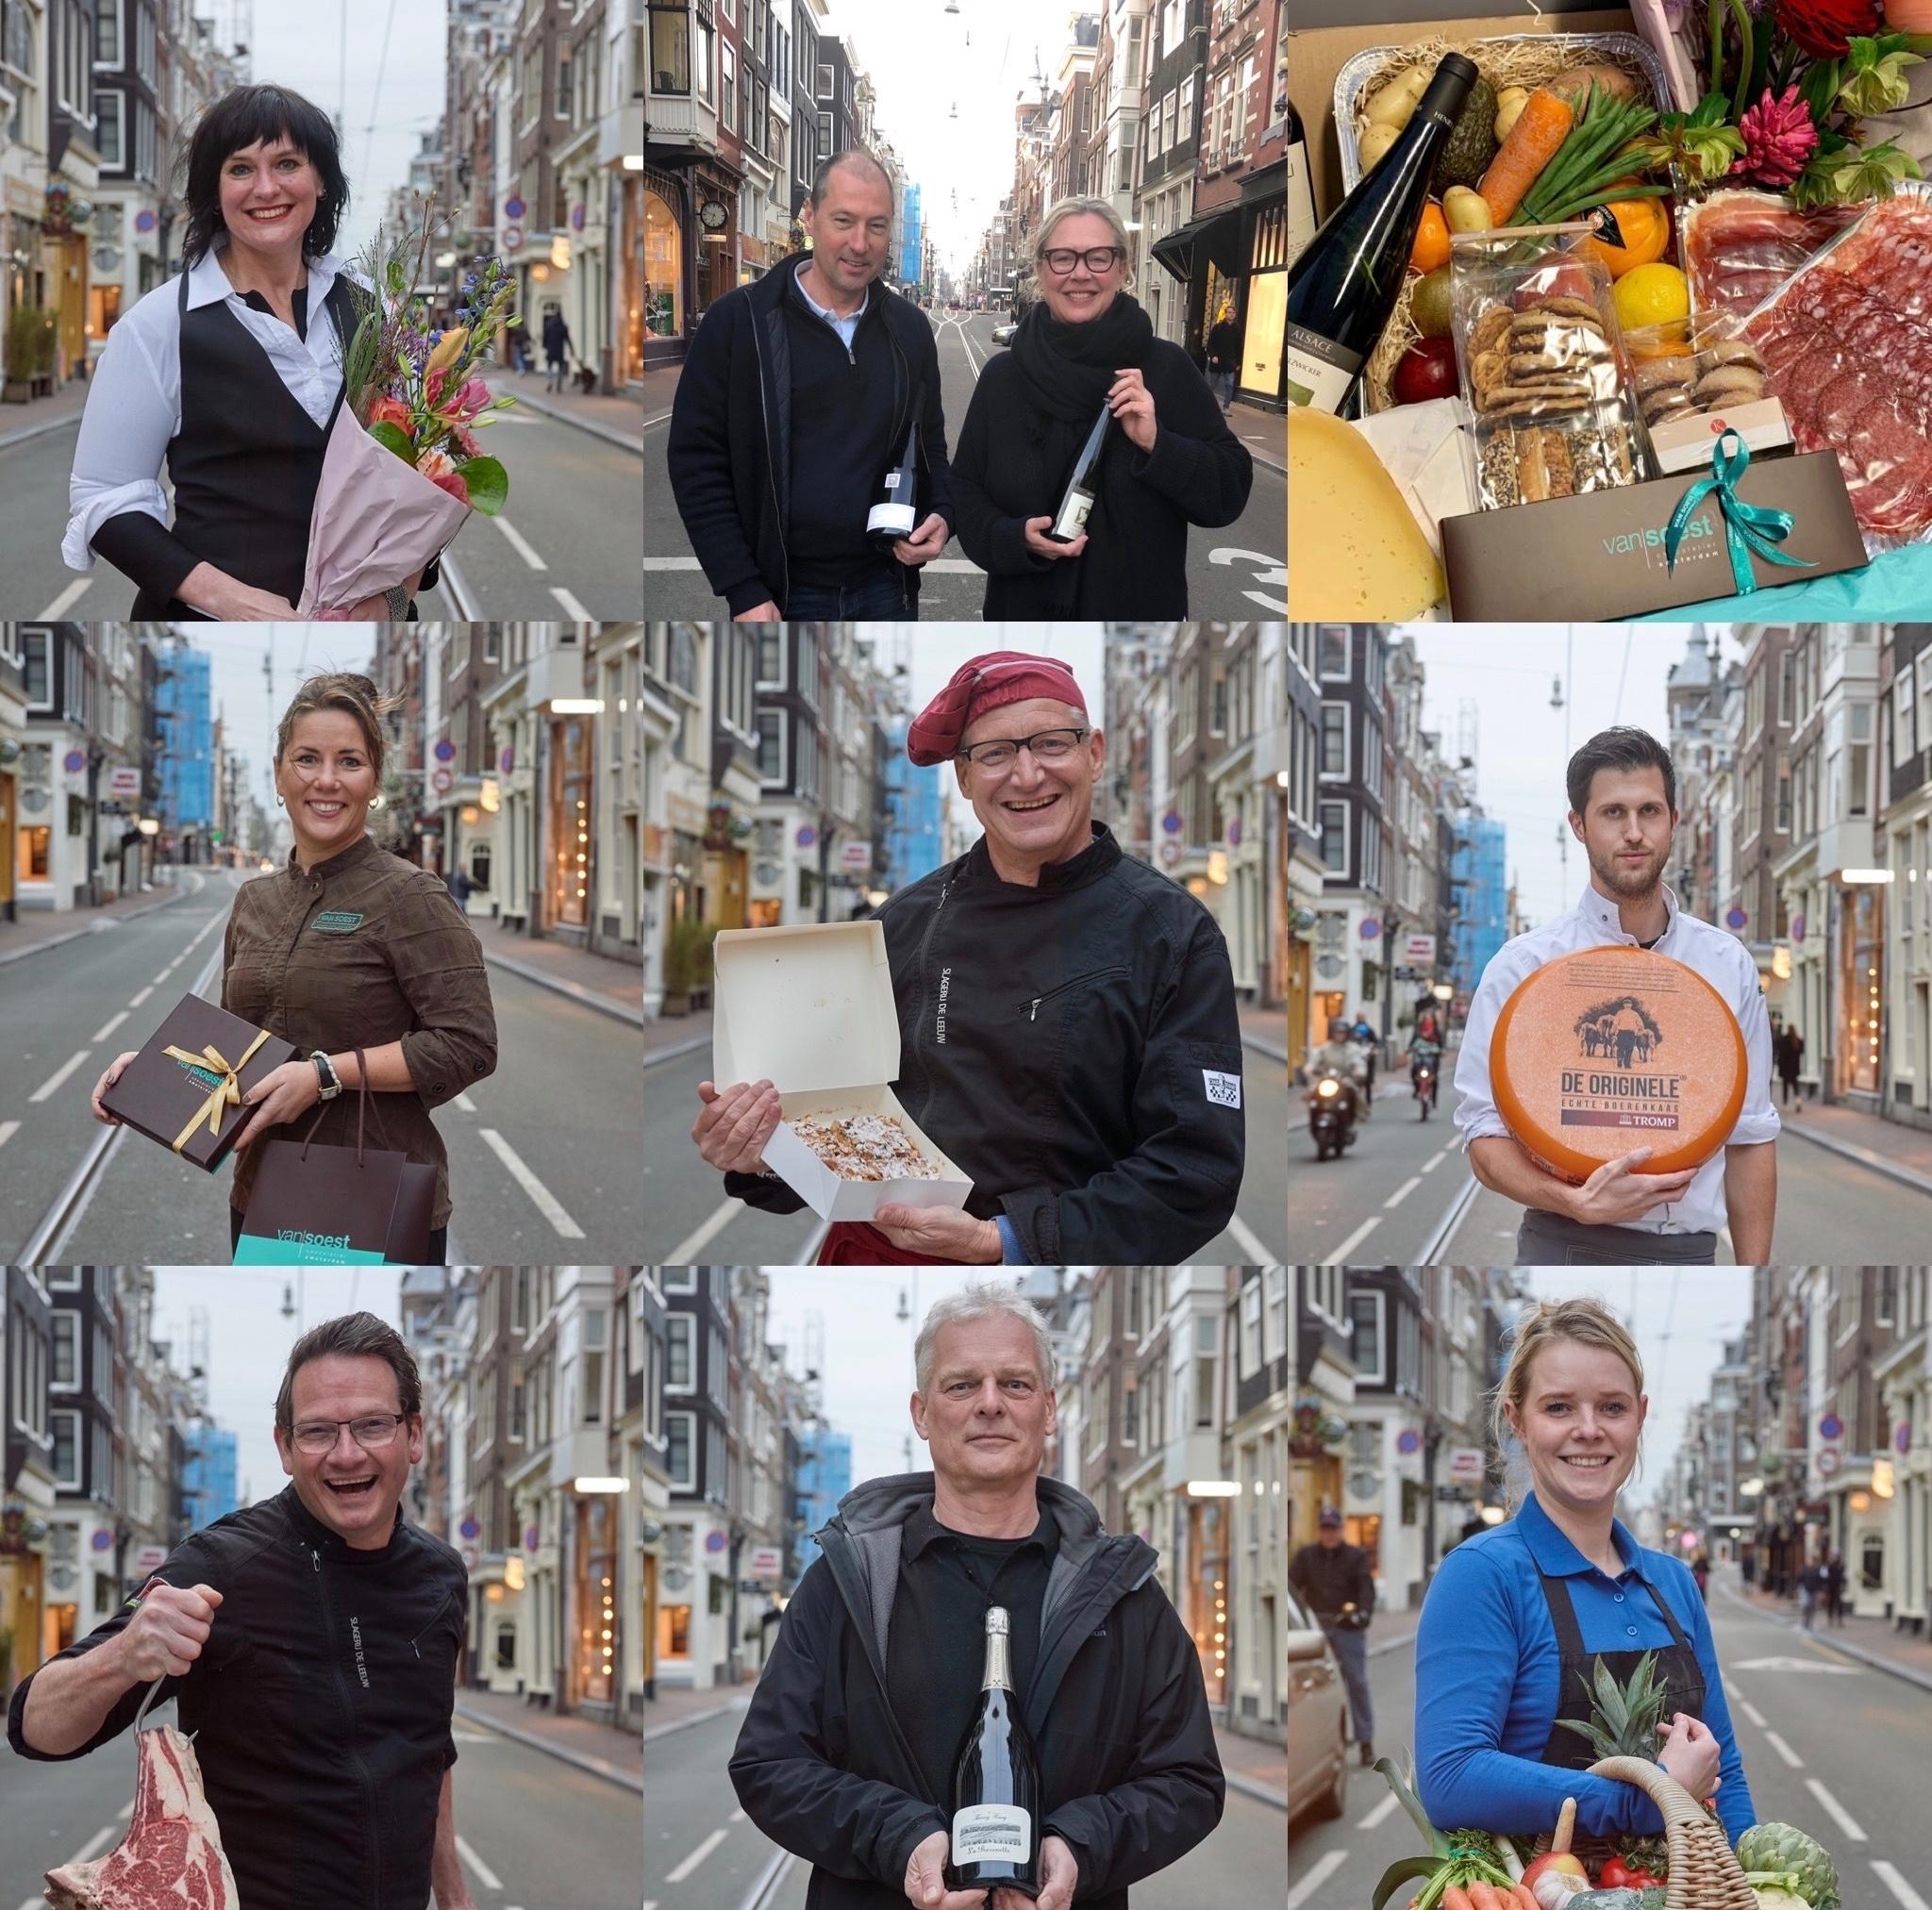 Verspakket Amsterdam: de 8 ondernemers Utrechtsestraat